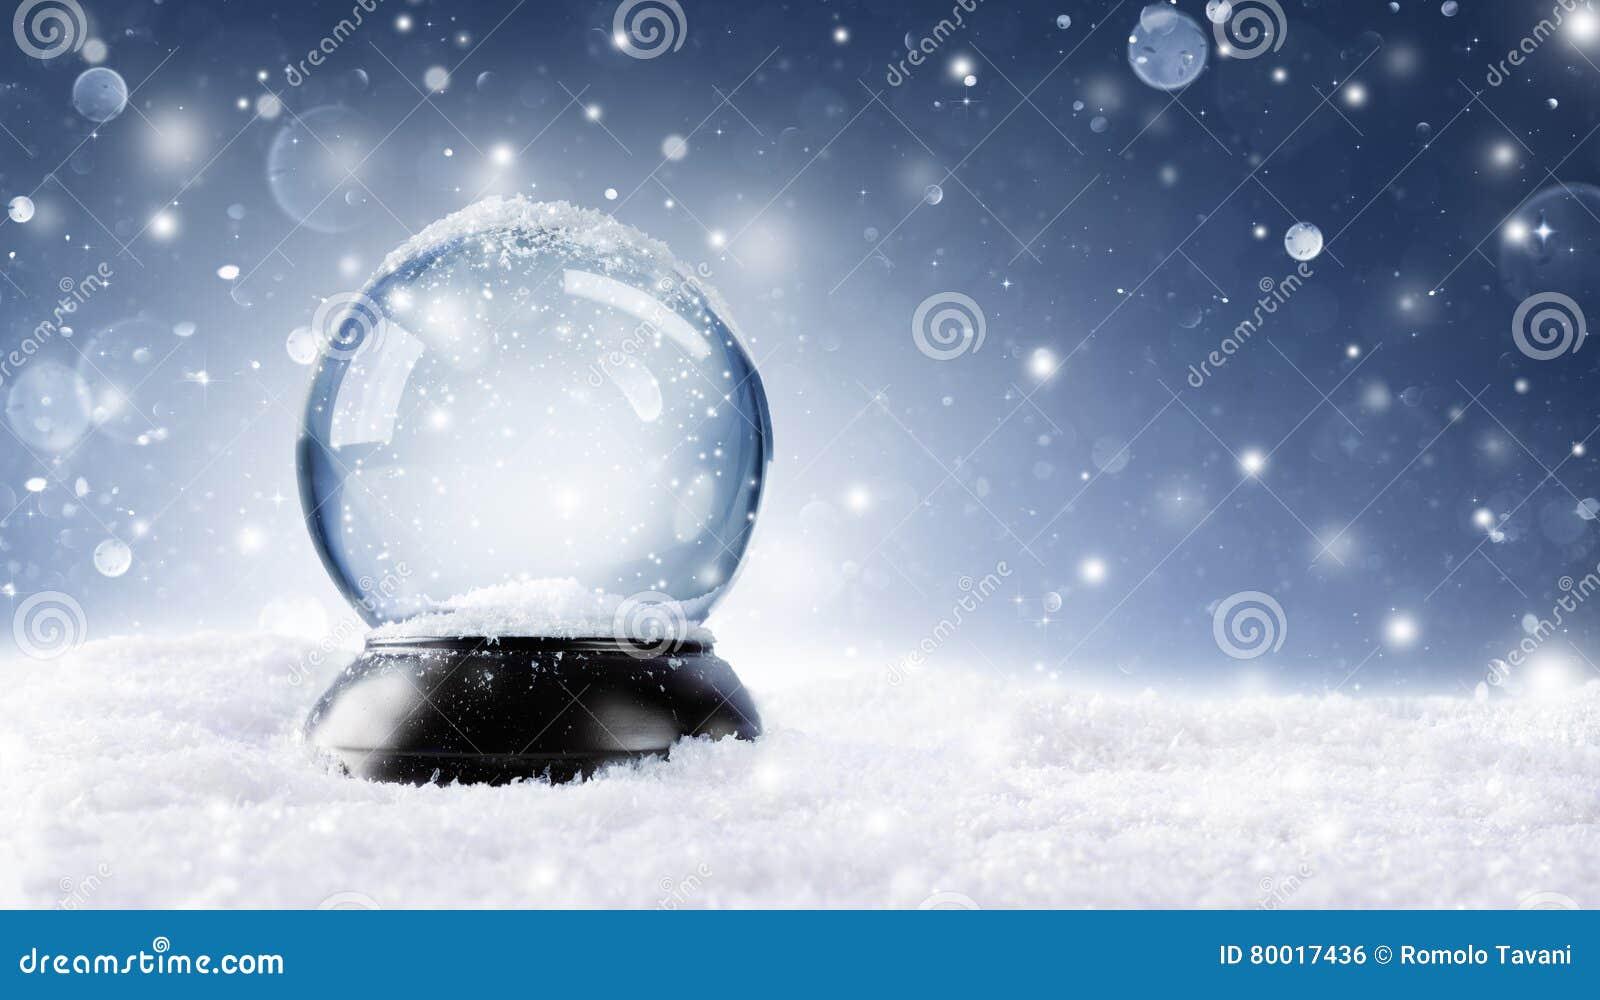 Sneeuwbol - Kerstmis Magische Bal